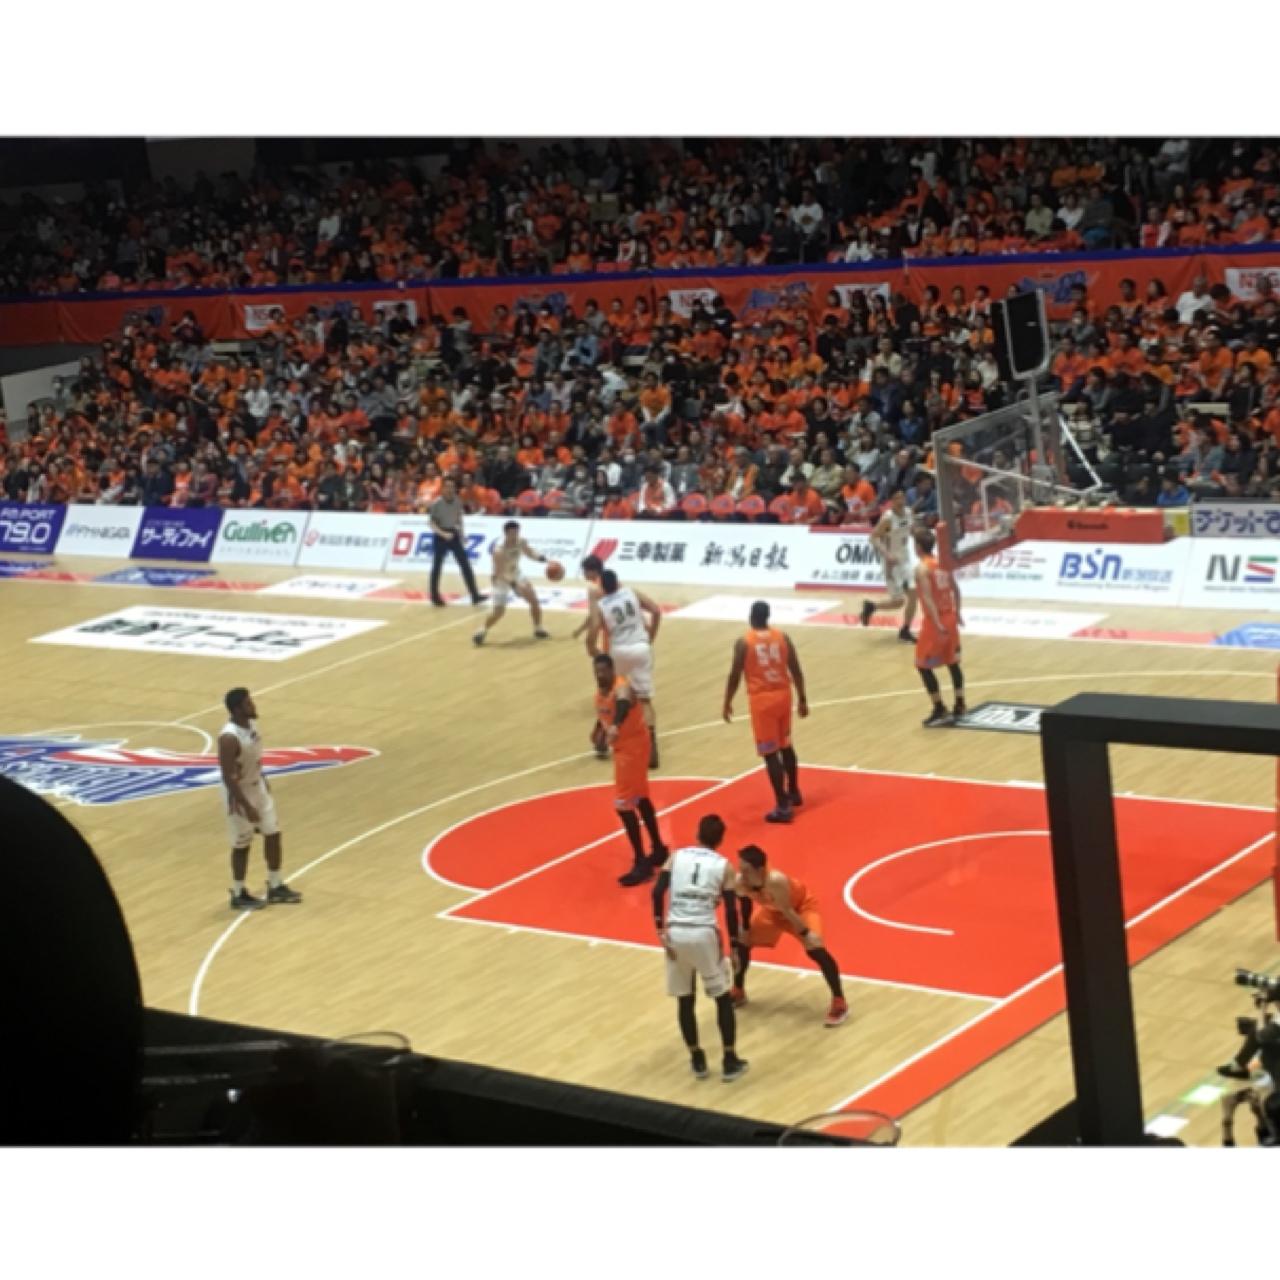 【スポーツ観戦しよう!】今熱い!話題のバスケットボール、解説します❤︎_5